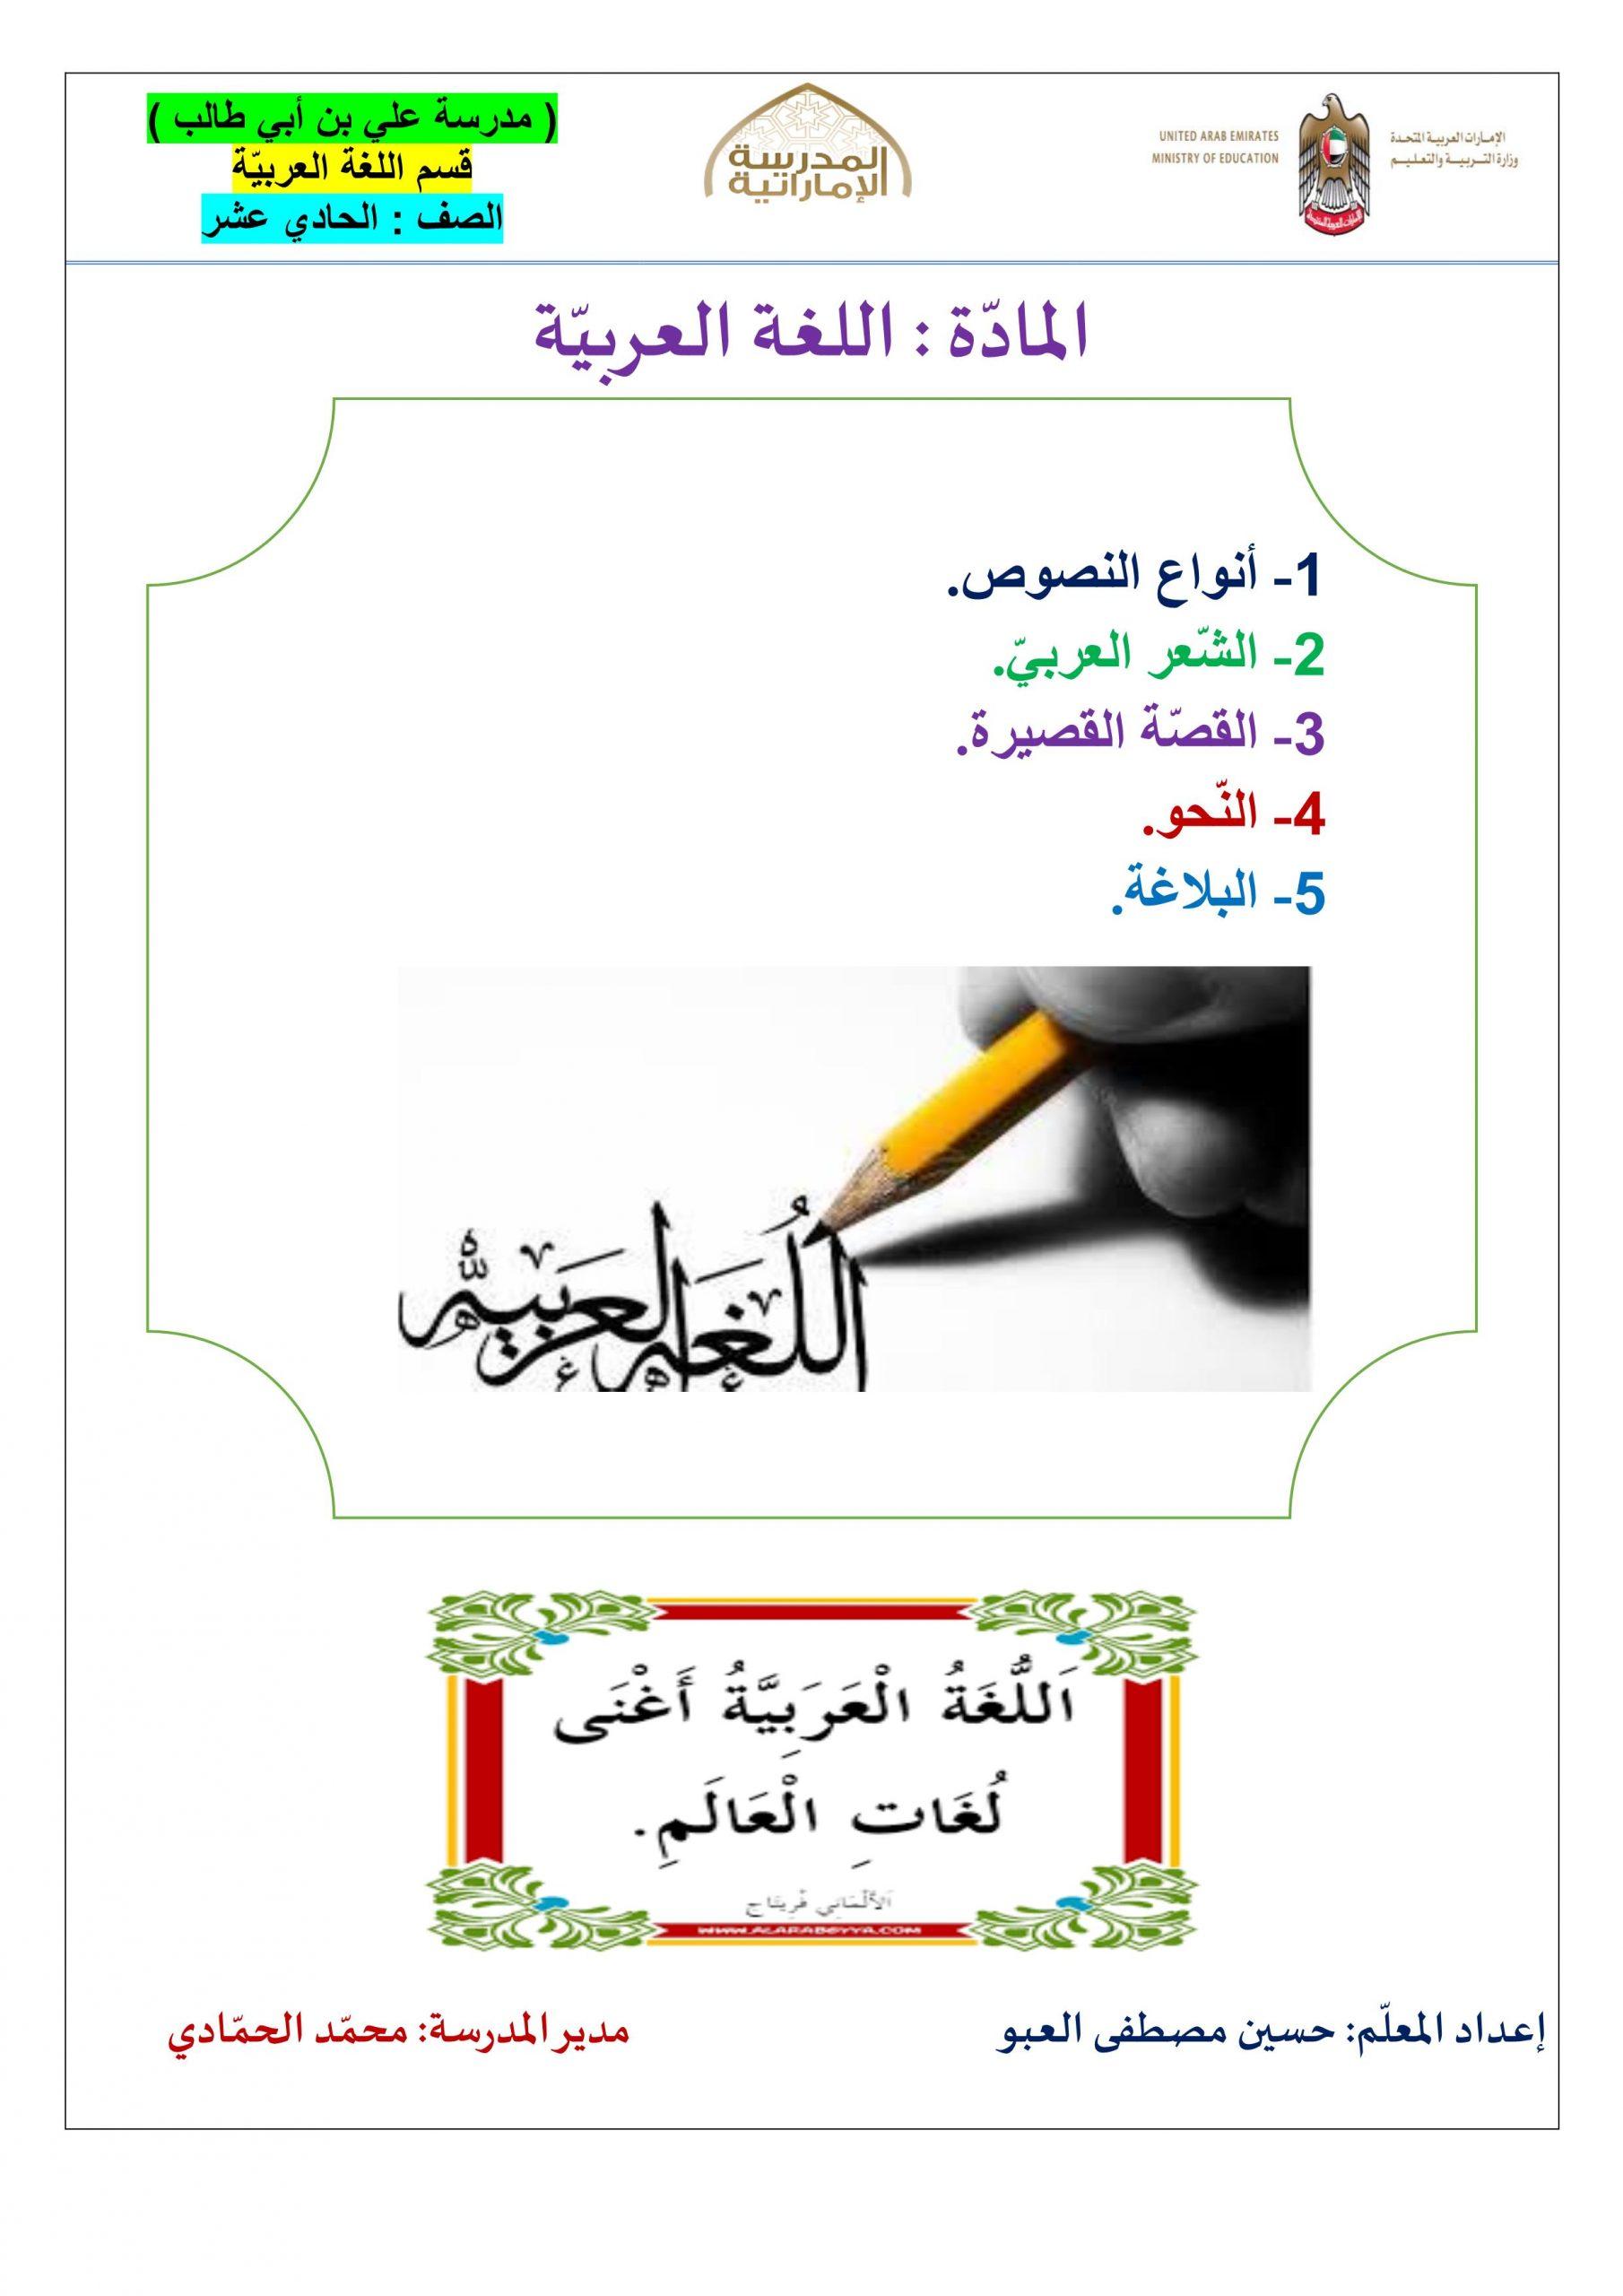 ملخص شامل الفصل الدراسي الاول الصف الحادي عشر مادة اللغة العربية